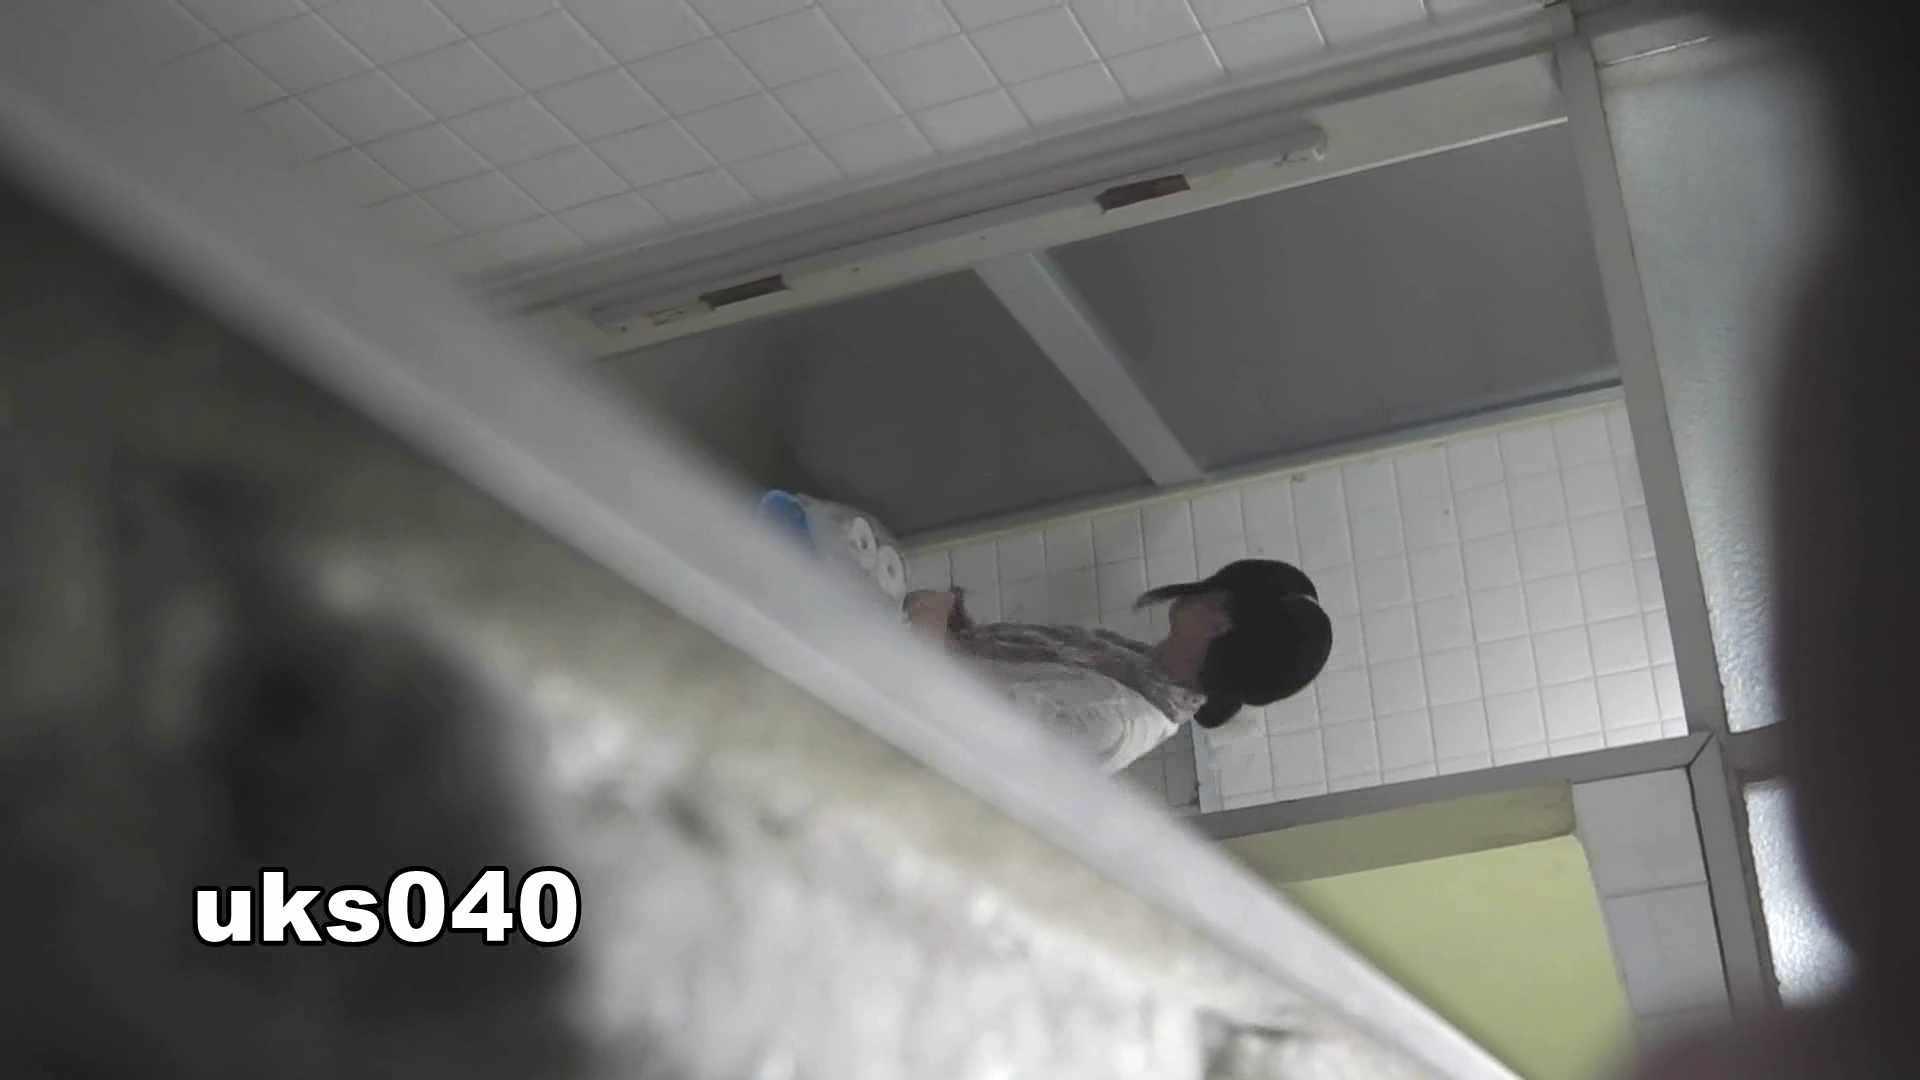 【美しき個室な世界】 vol.040 出て行かれる時の清楚姿撮り 高評価  112枚 12